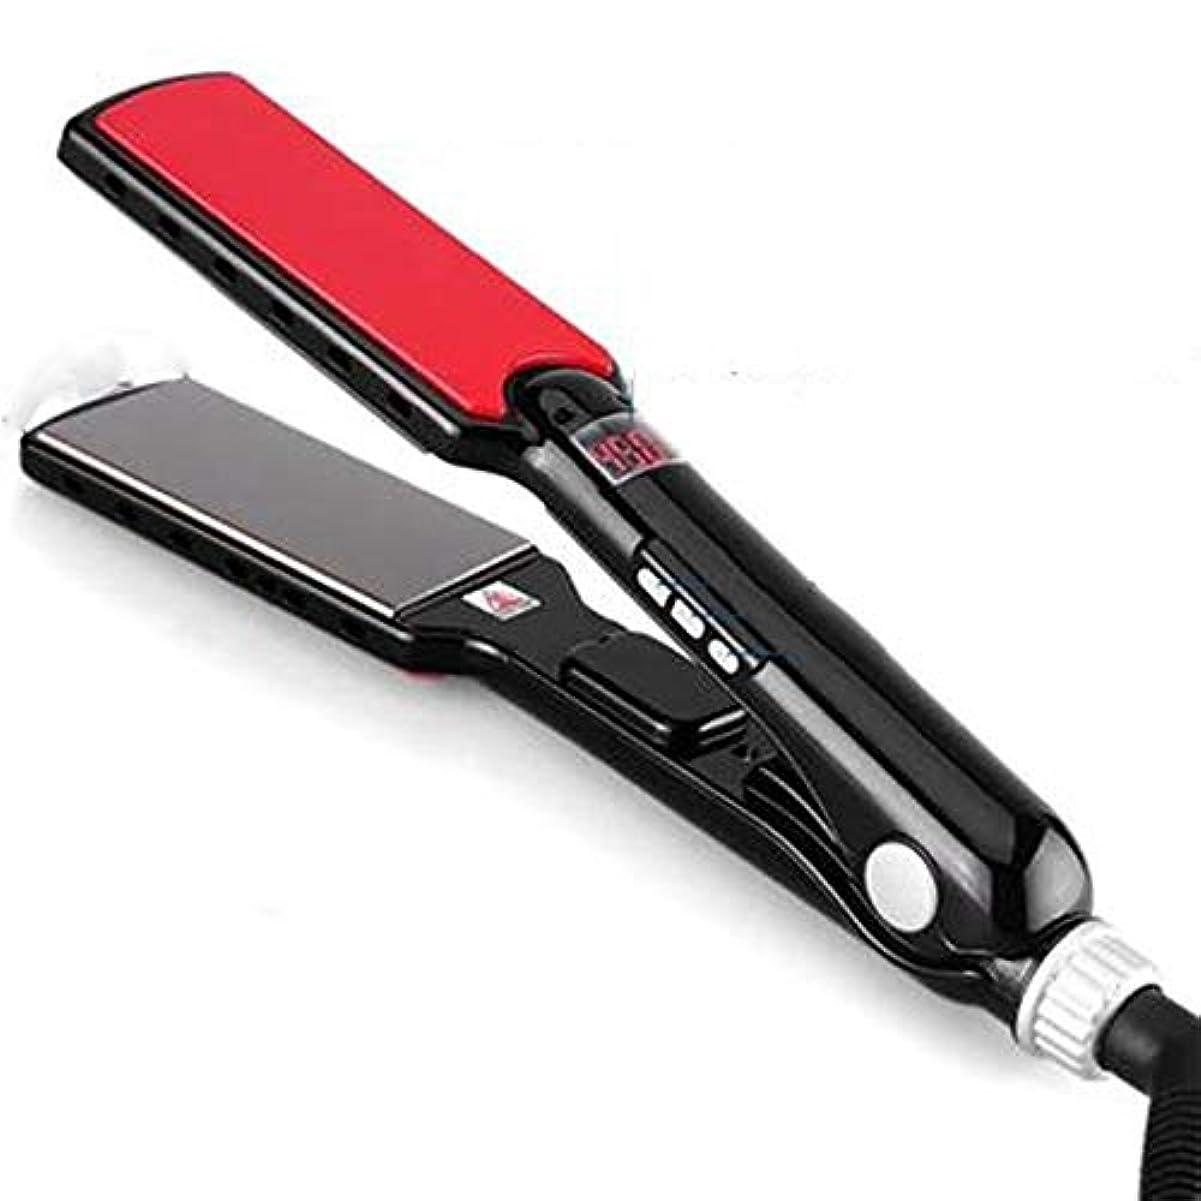 美的ペナルティキャップKUVV急速加熱 マイナスイオンヘアストレイテナーMCH加熱速熱ストレートヘア矯正デュアルユース電気スプリント